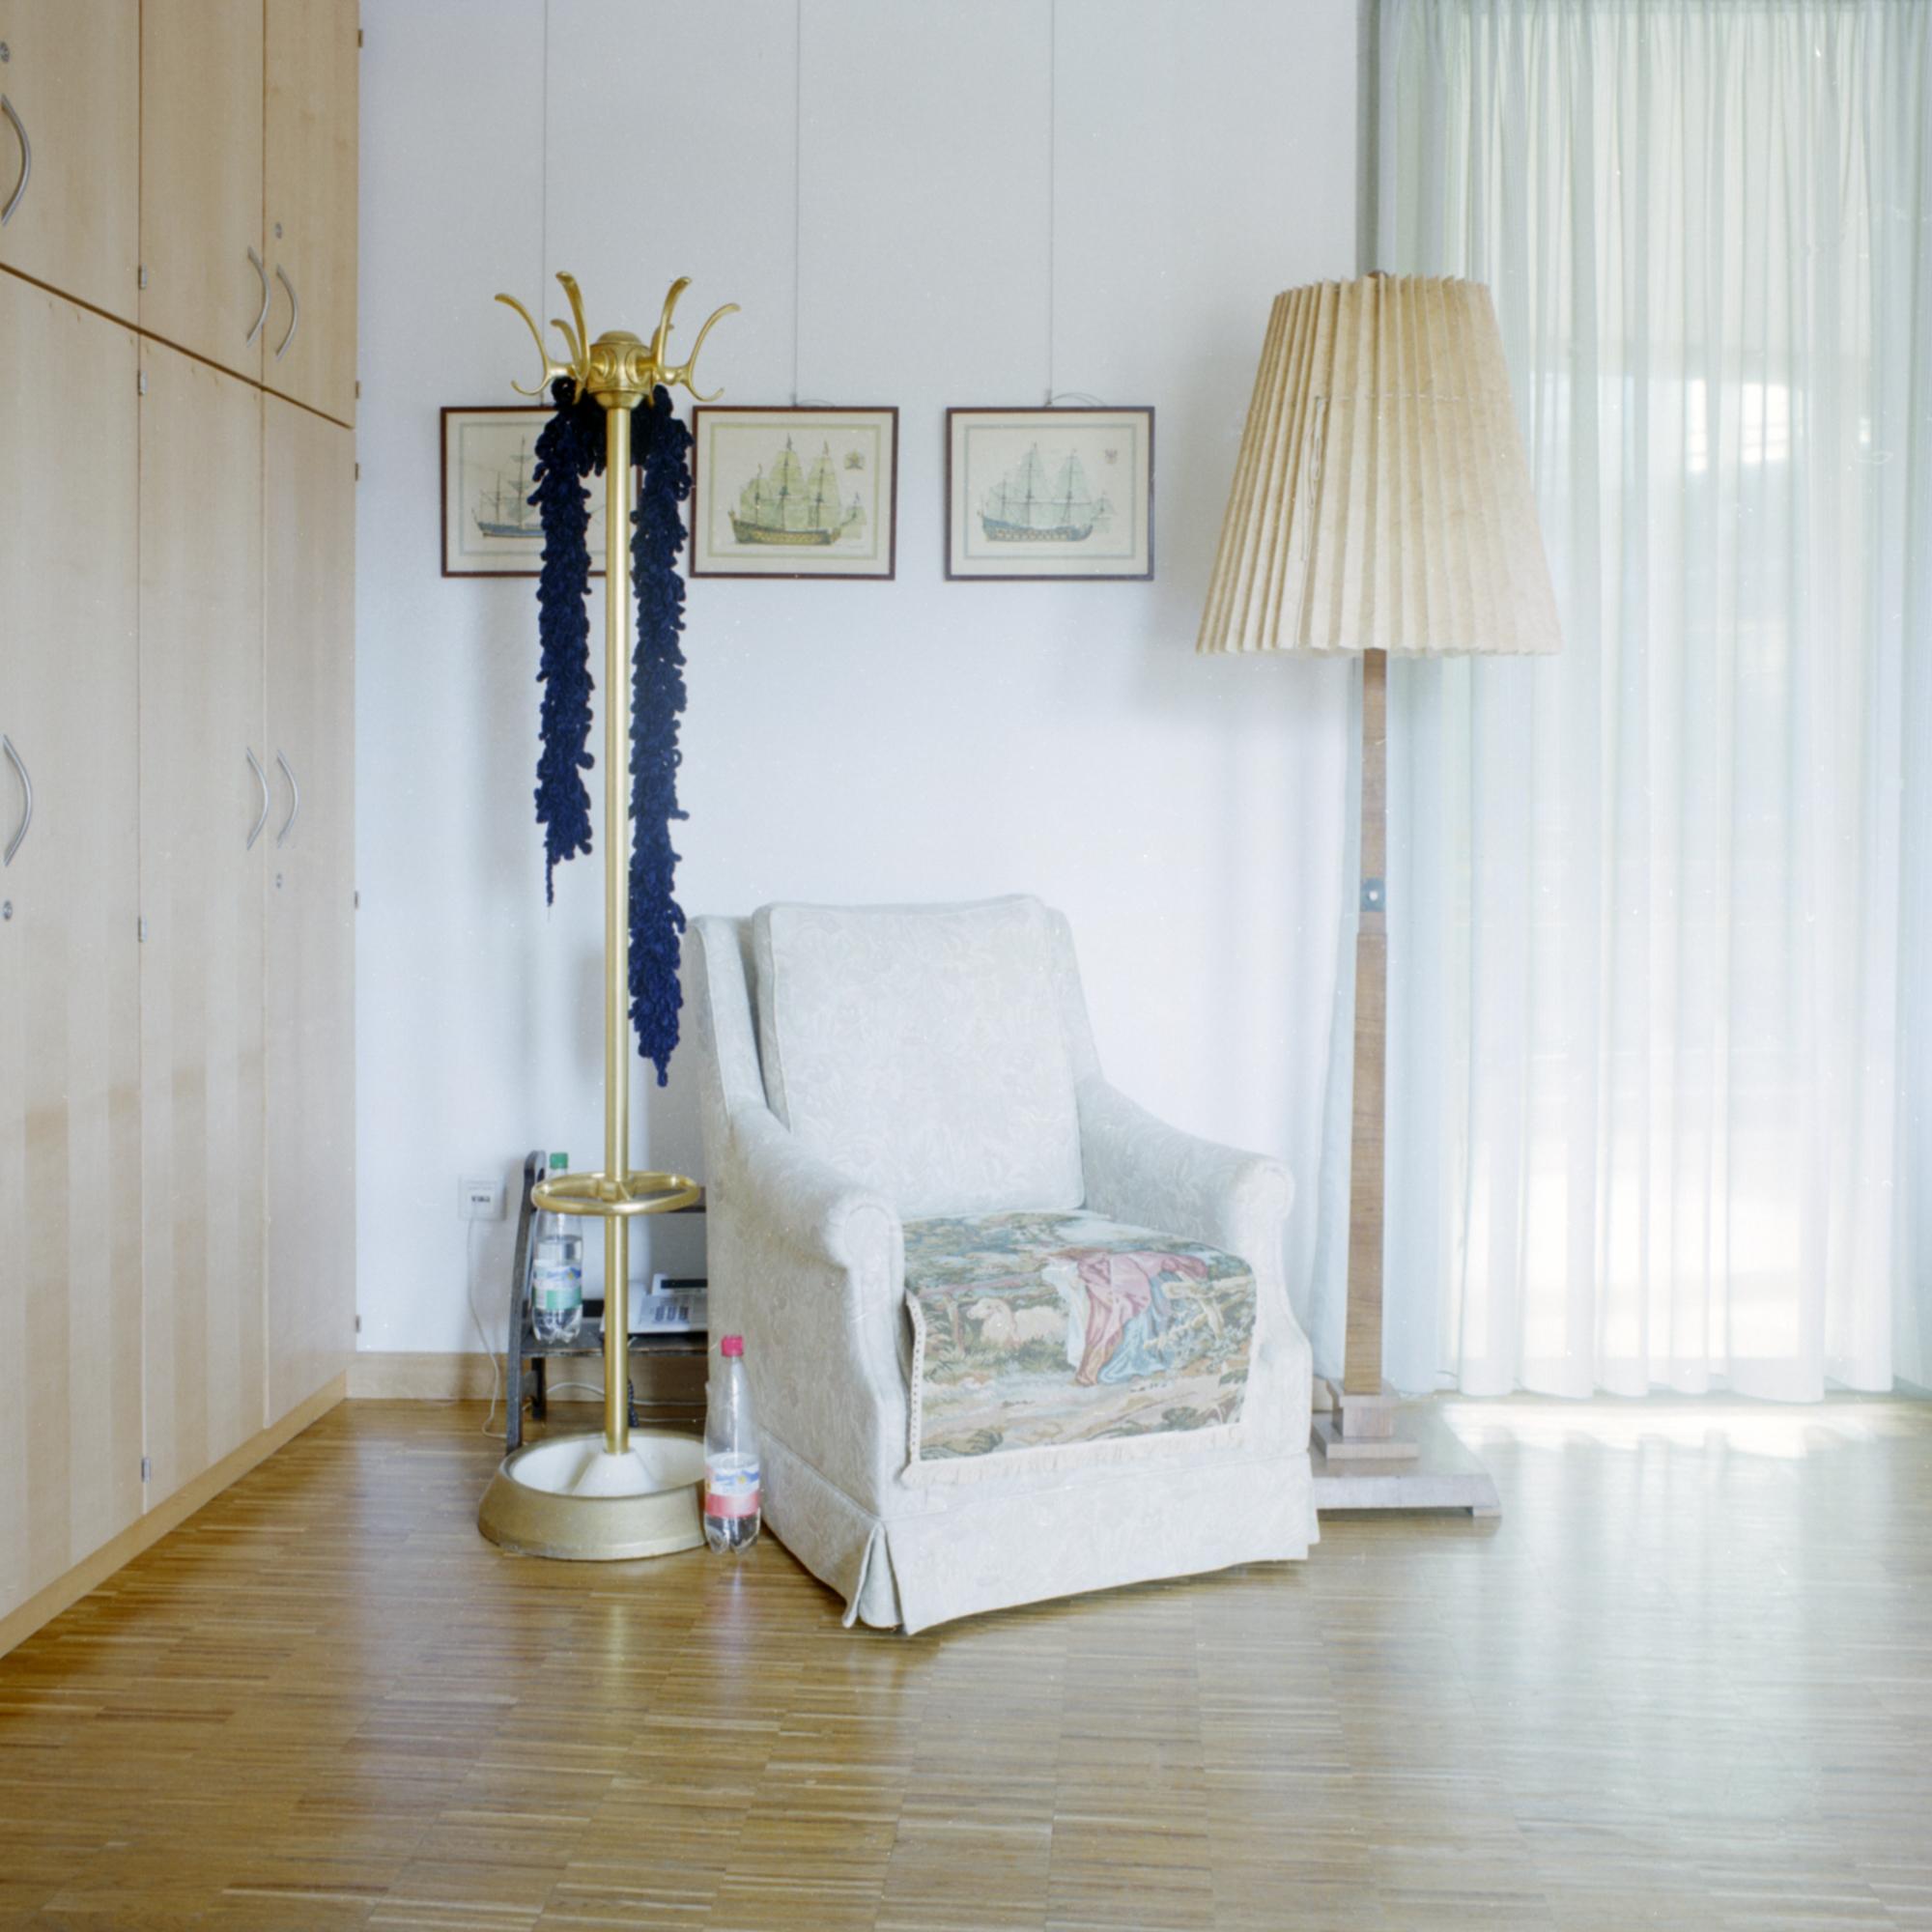 Luise-Kiesselbach-Haus (Kuratorium Wohnen im Alter) , Muenchen. Wohnzimmer im 2. Stock der Einrichtung Luise-Kiesselbach in der Graf Lehndorf Strasse 24, Munchen am 18. Januar 2011. Das Wohnzimmer kann von allen Bewohnern benuetzt werden und besteht aus einer Zusamenstellung aus neuen und alten Mobeln. Die neuen Mobel bestehen aus sehr klaren Linien so dass sie mit verschiedenen unterschiedlichen Mobeln kombinierbar sind. Fotograf: Evi Lemberger